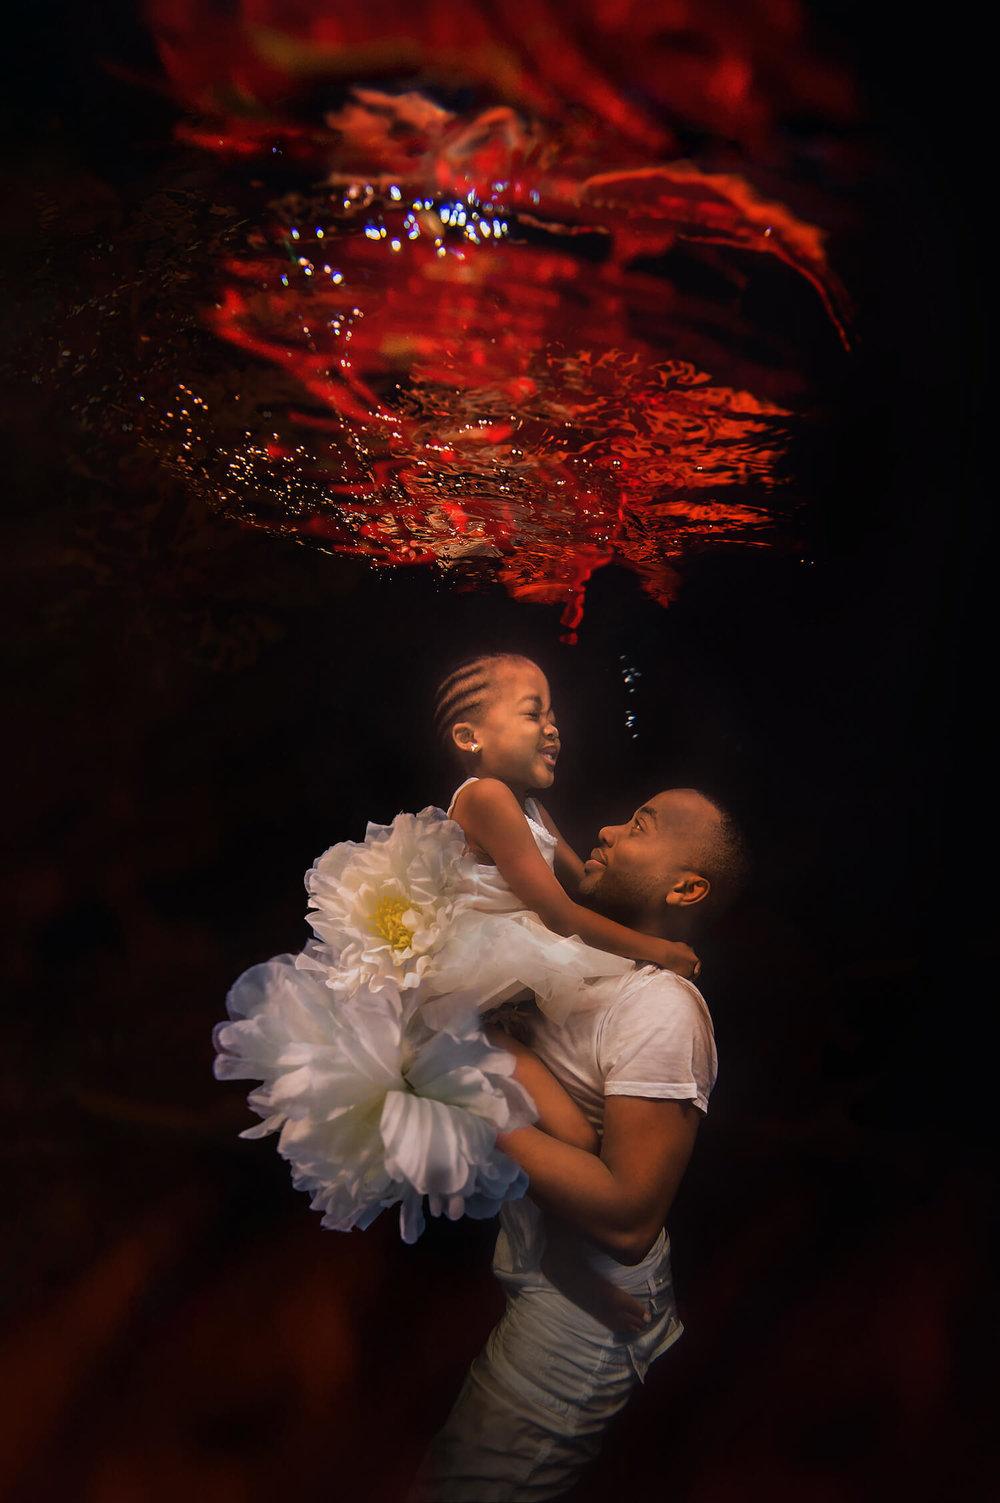 Ilse Moore underwater baby mom_007.jpg